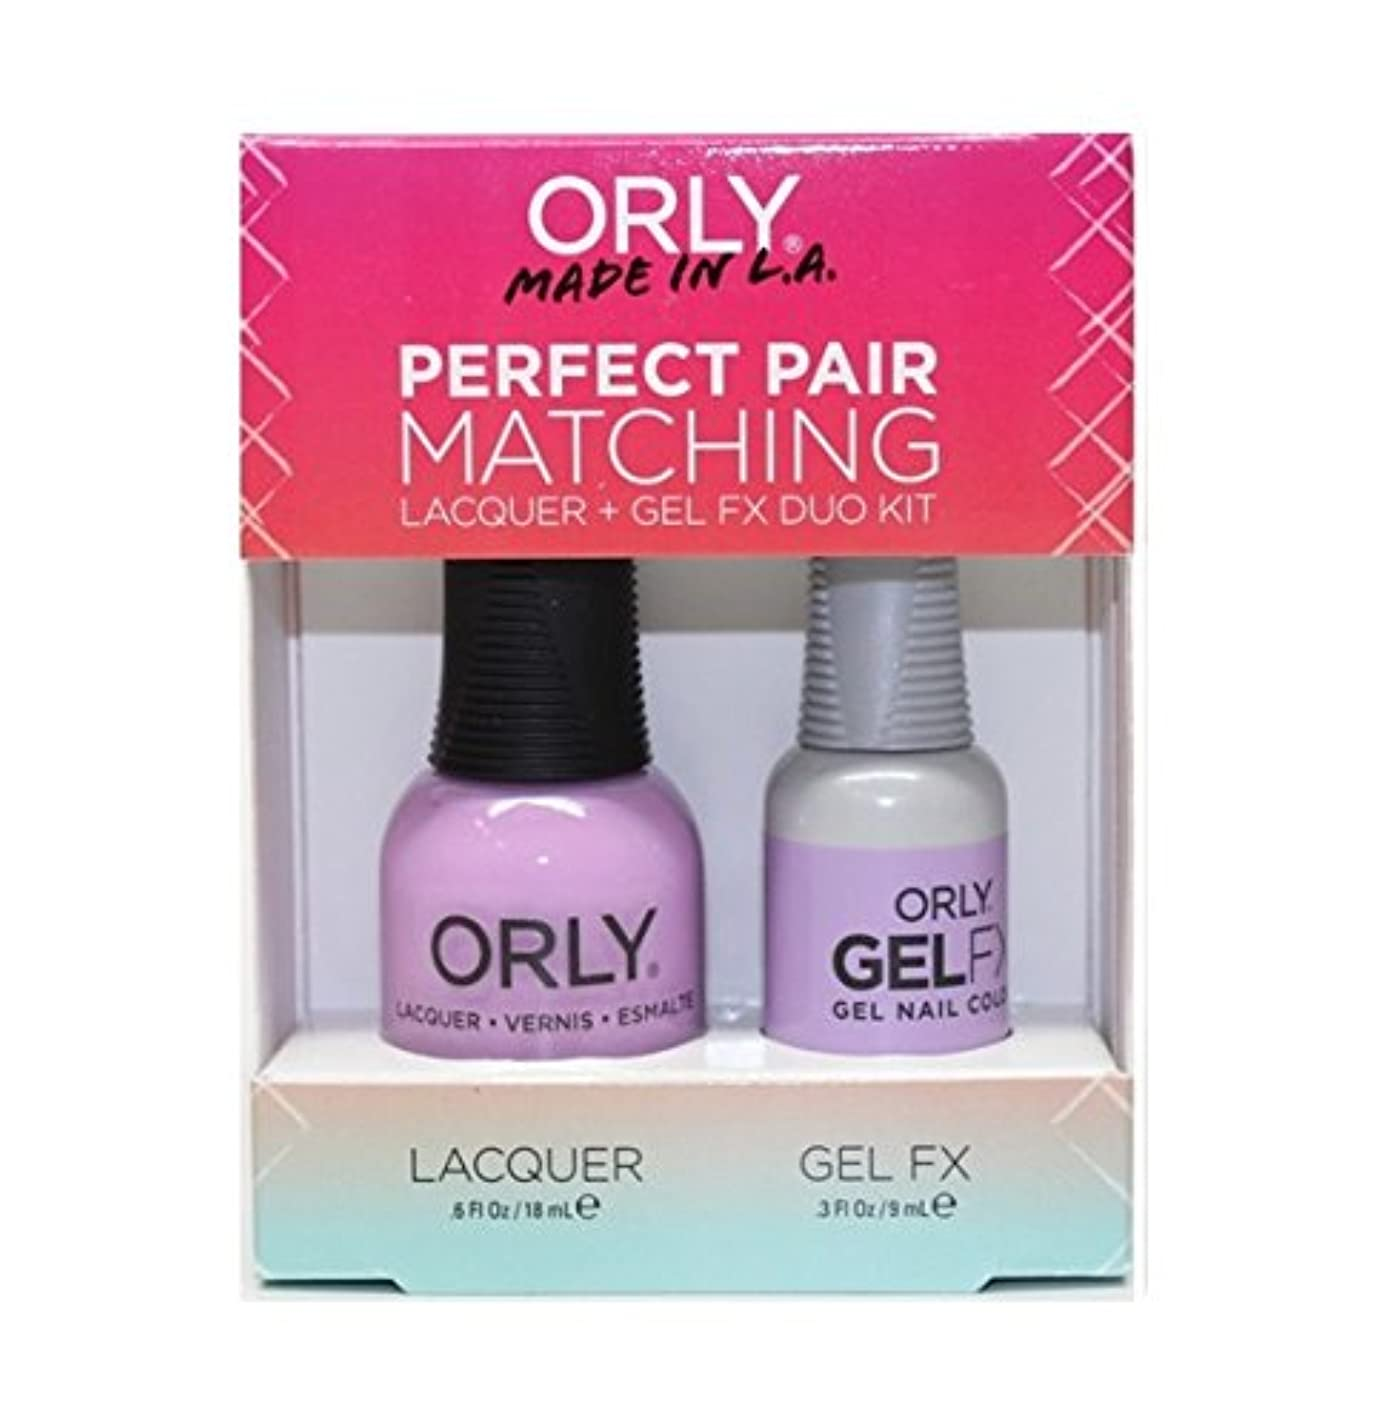 海賊継承むちゃくちゃOrly - Perfect Pair Matching Lacquer+Gel FX Kit - As Seen on TV - 0.6 oz / 0.3 oz